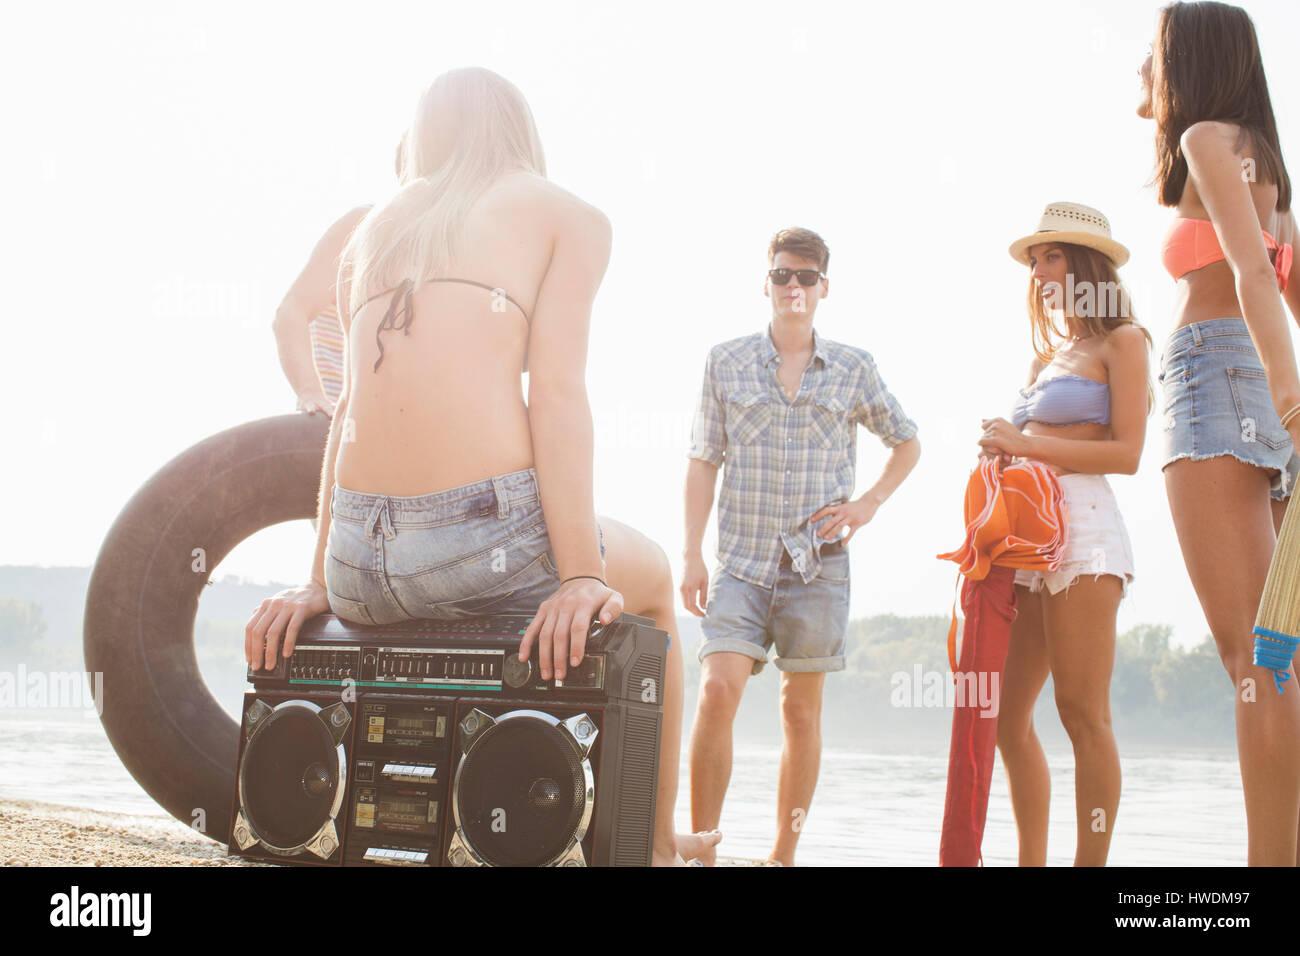 Grupo de amigos disfrutando de las fiestas en la playa Imagen De Stock